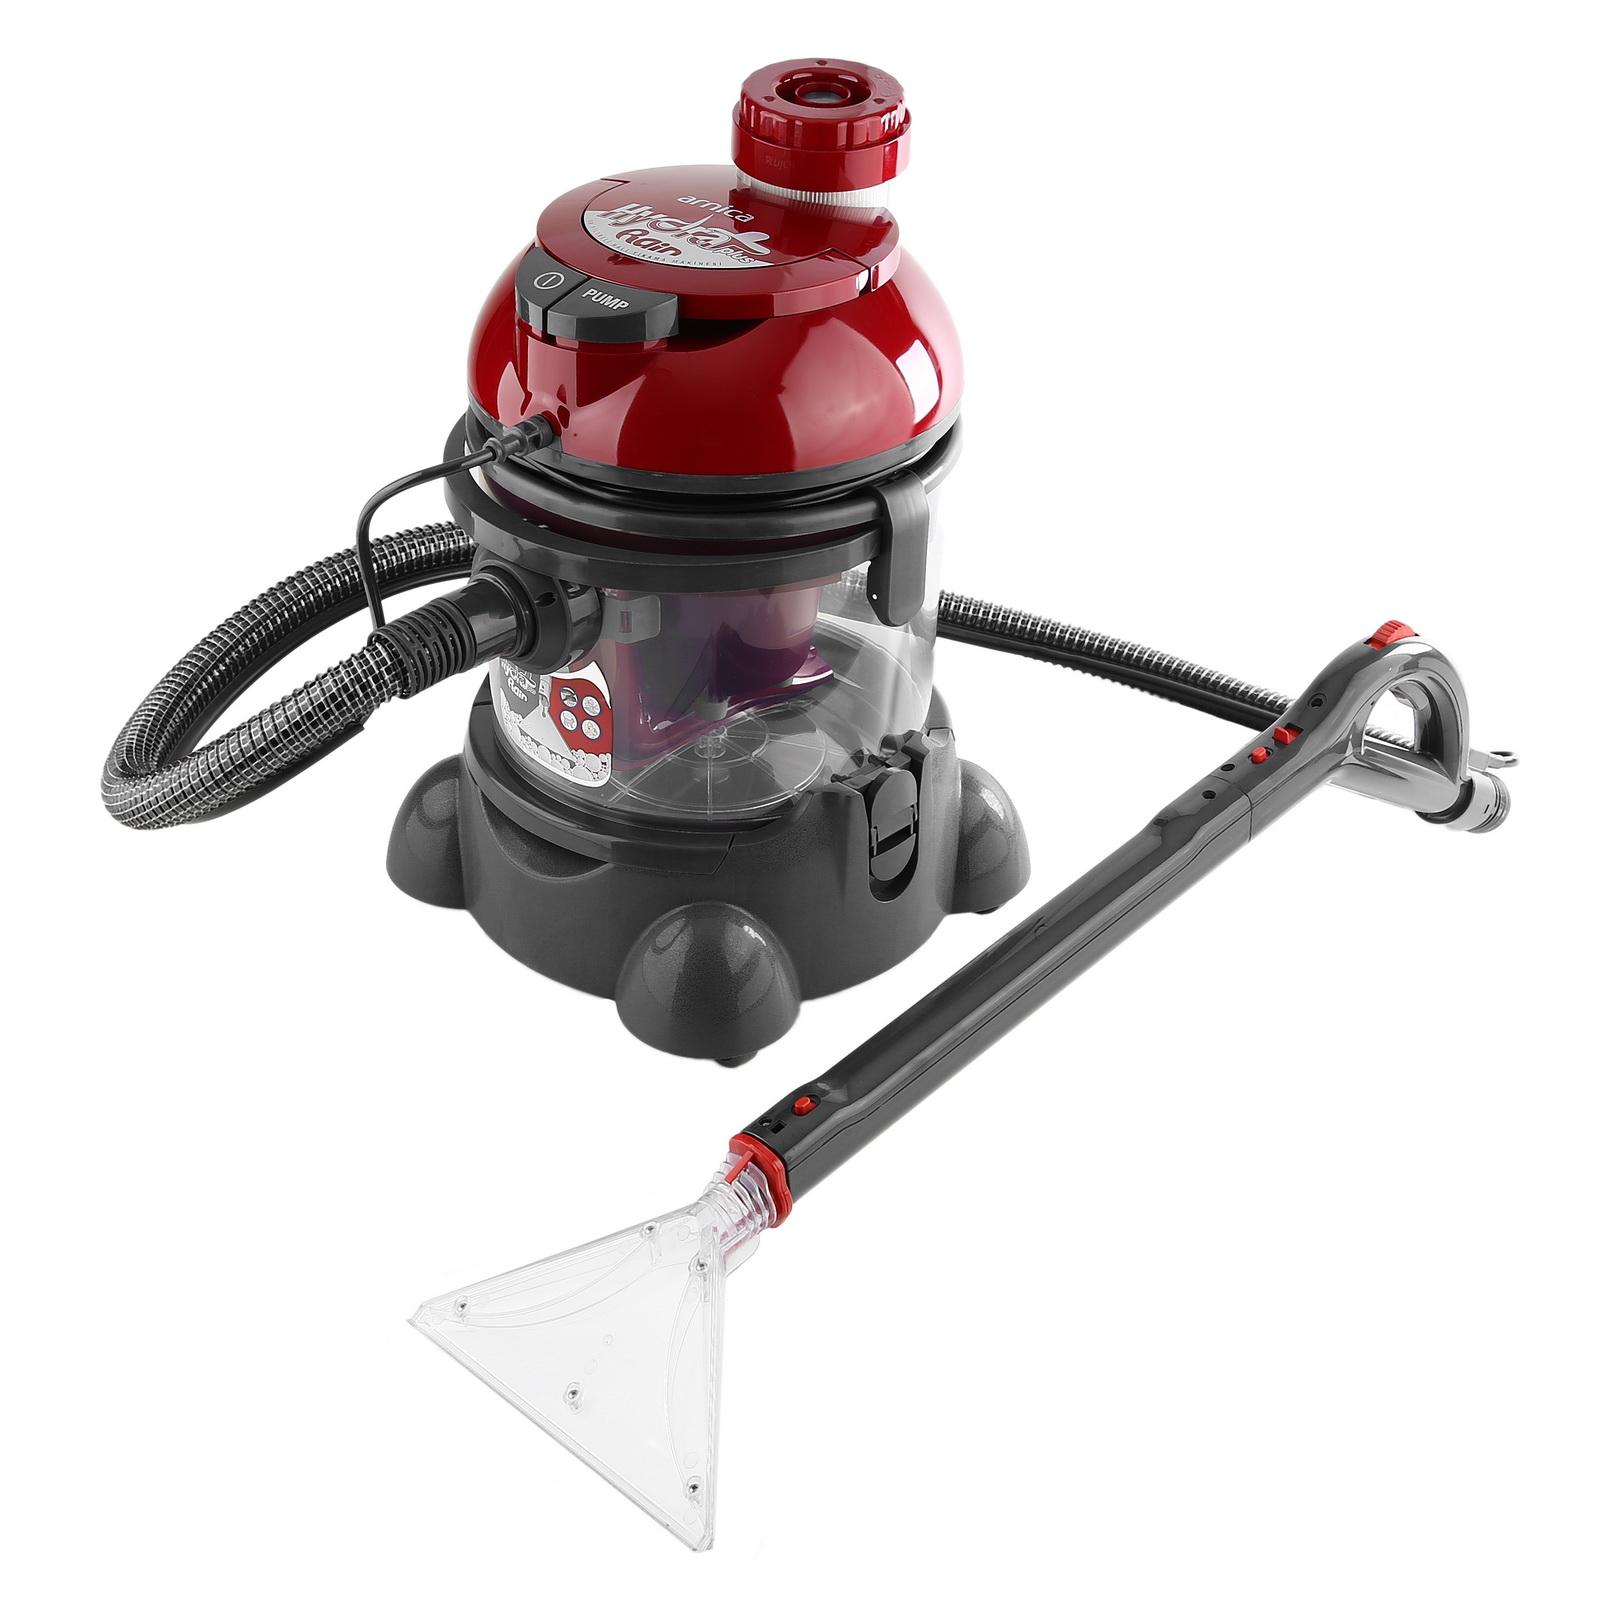 Пылесос с аквафильтром ArnicaПылесосы бытовые<br>Мощность: 2400,<br>Мощность всасывания: 330,<br>Тип пылесоса: обычный,<br>Уборка: сухая / влажная,<br>Тип пылесборника: аквафильтр,<br>Объём пылесборника: 4,<br>Фильтр тонкой очистки: есть,<br>Труба всасывания: составная,<br>Турбощетка: есть,<br>Аквафильтр: есть,<br>Насадки: щётка пол/ковёр с металлической основой; адаптер для мытья гладких поверхностей; удлиненная щелевая; для чистки текстиля, тканевых обивок мебели; для твёрдой мебели с мягким ворсом,<br>Вес нетто: 7.2<br>